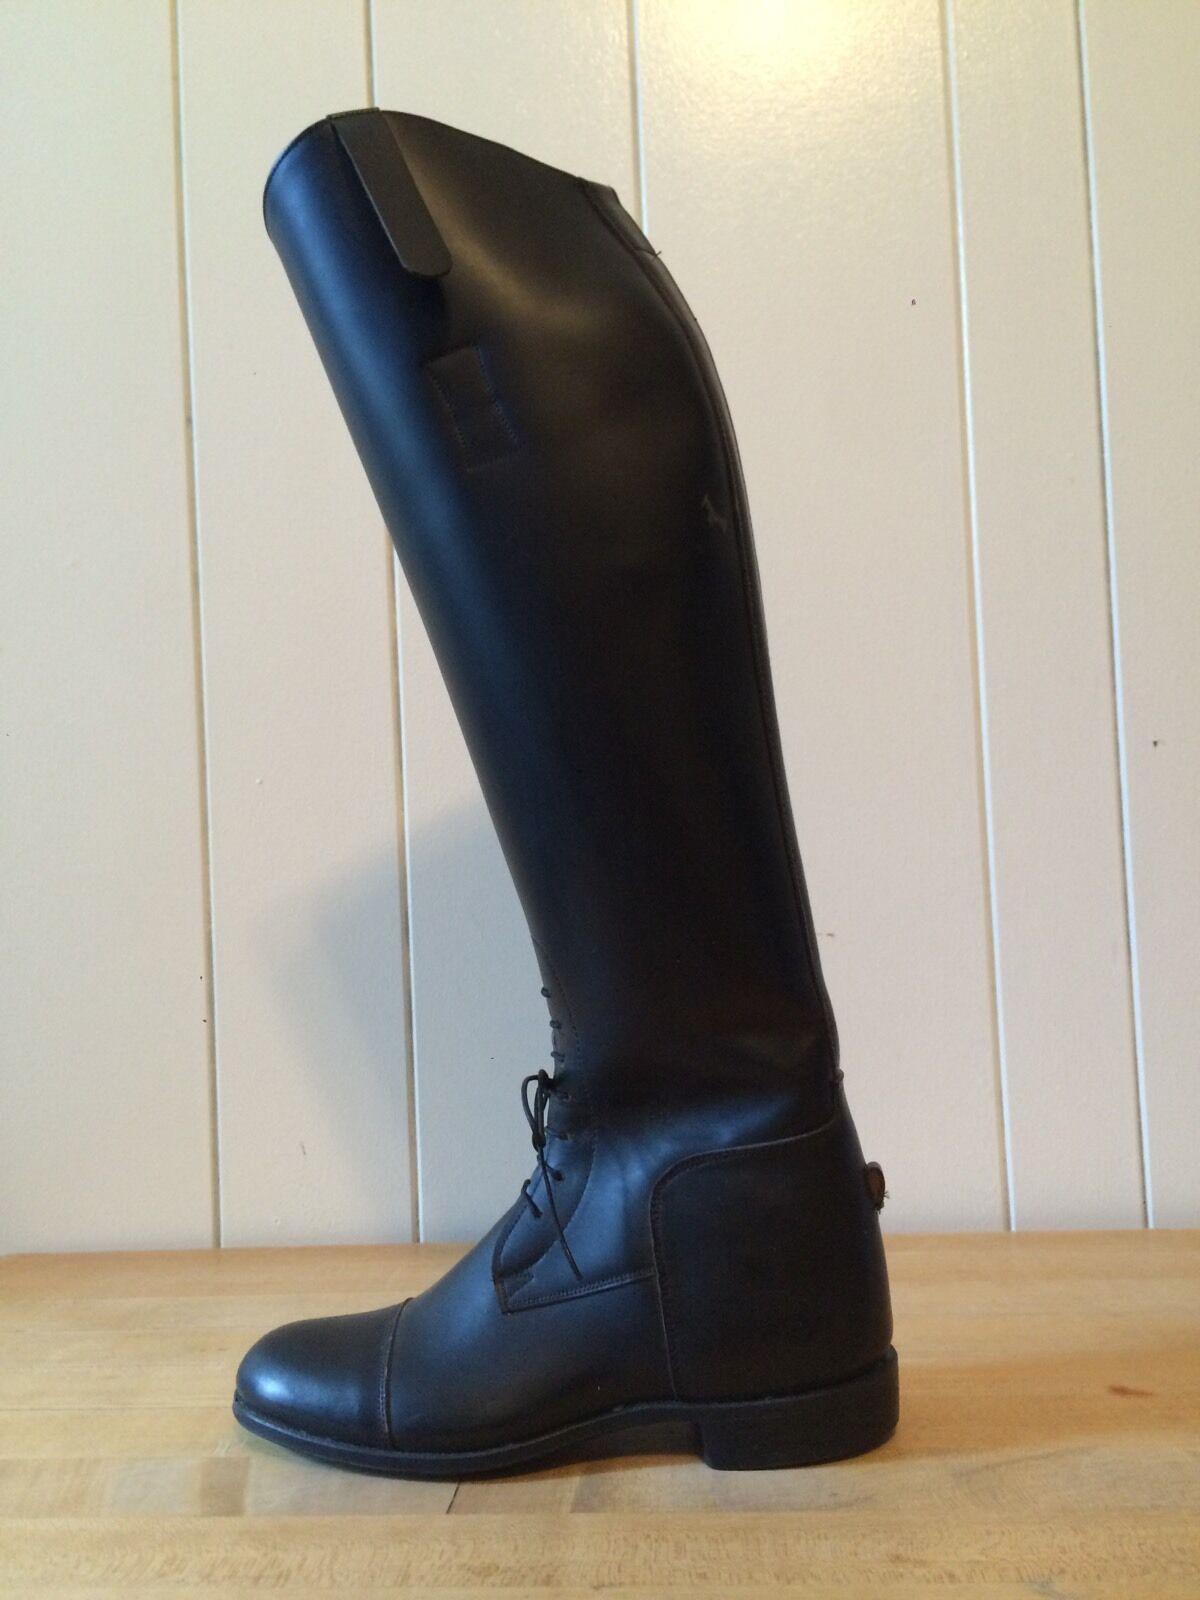 Elan inglés botas de montar Cuero Negro Doma Doma Doma Ecuestre Ryder Alto Talla 5 Usado En Excelente Condición  primera reputación de los clientes primero